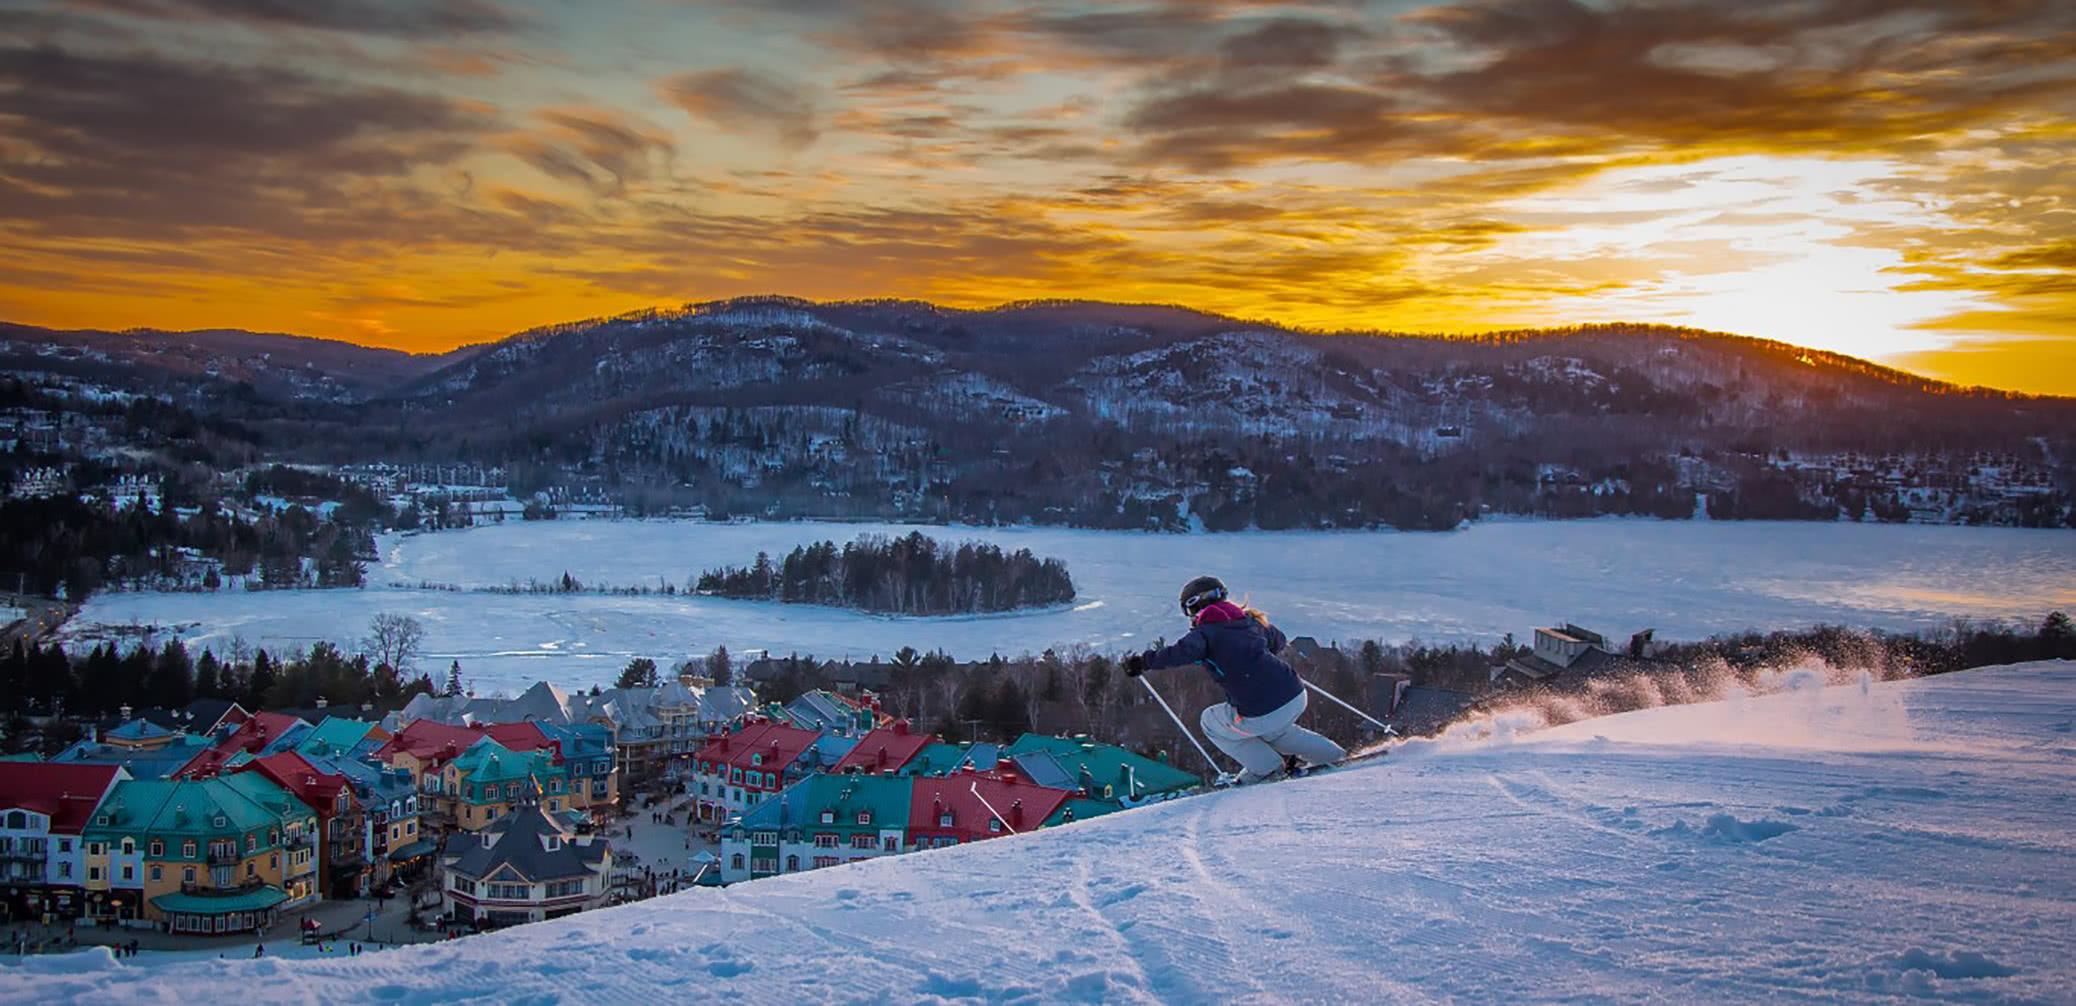 10 Best Ski In Ski Out Hotels In Canada